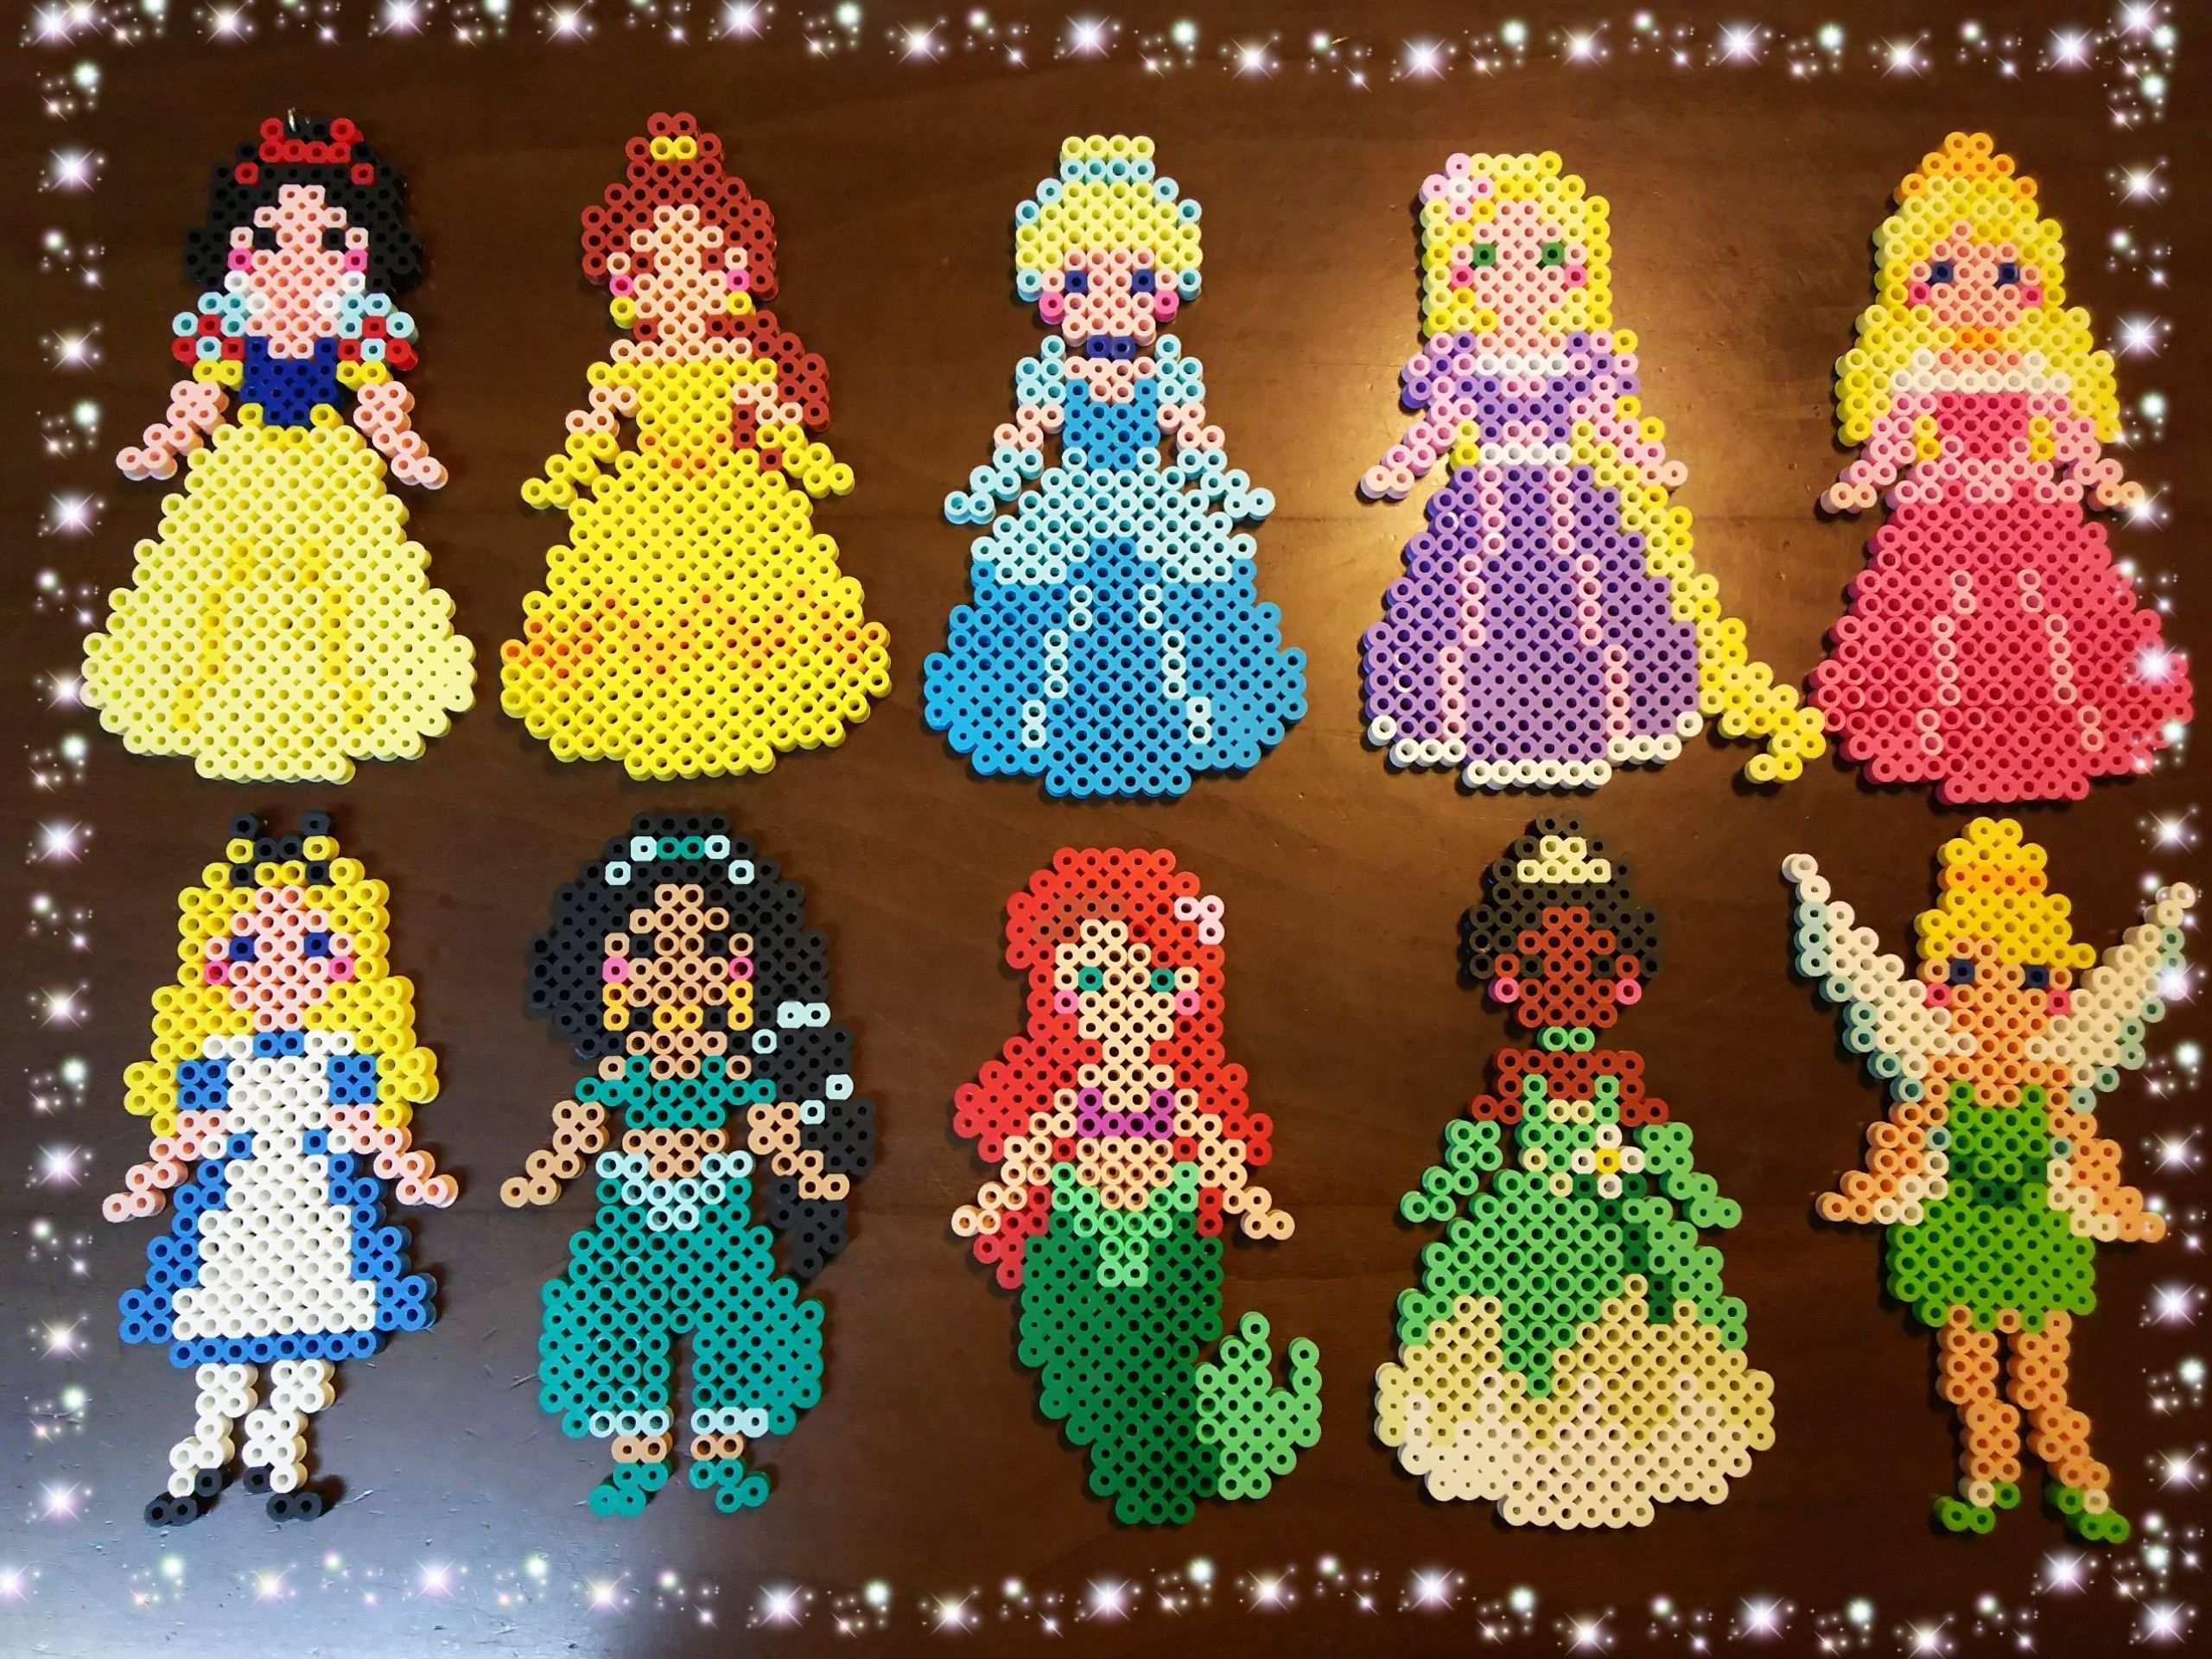 Bugelperlen Disney Prinzessinnen Dotdayartprojects Bugelperlen Disney Prinzessinnen Basteln Bugelperlen Bugelperlen Perlenmuster